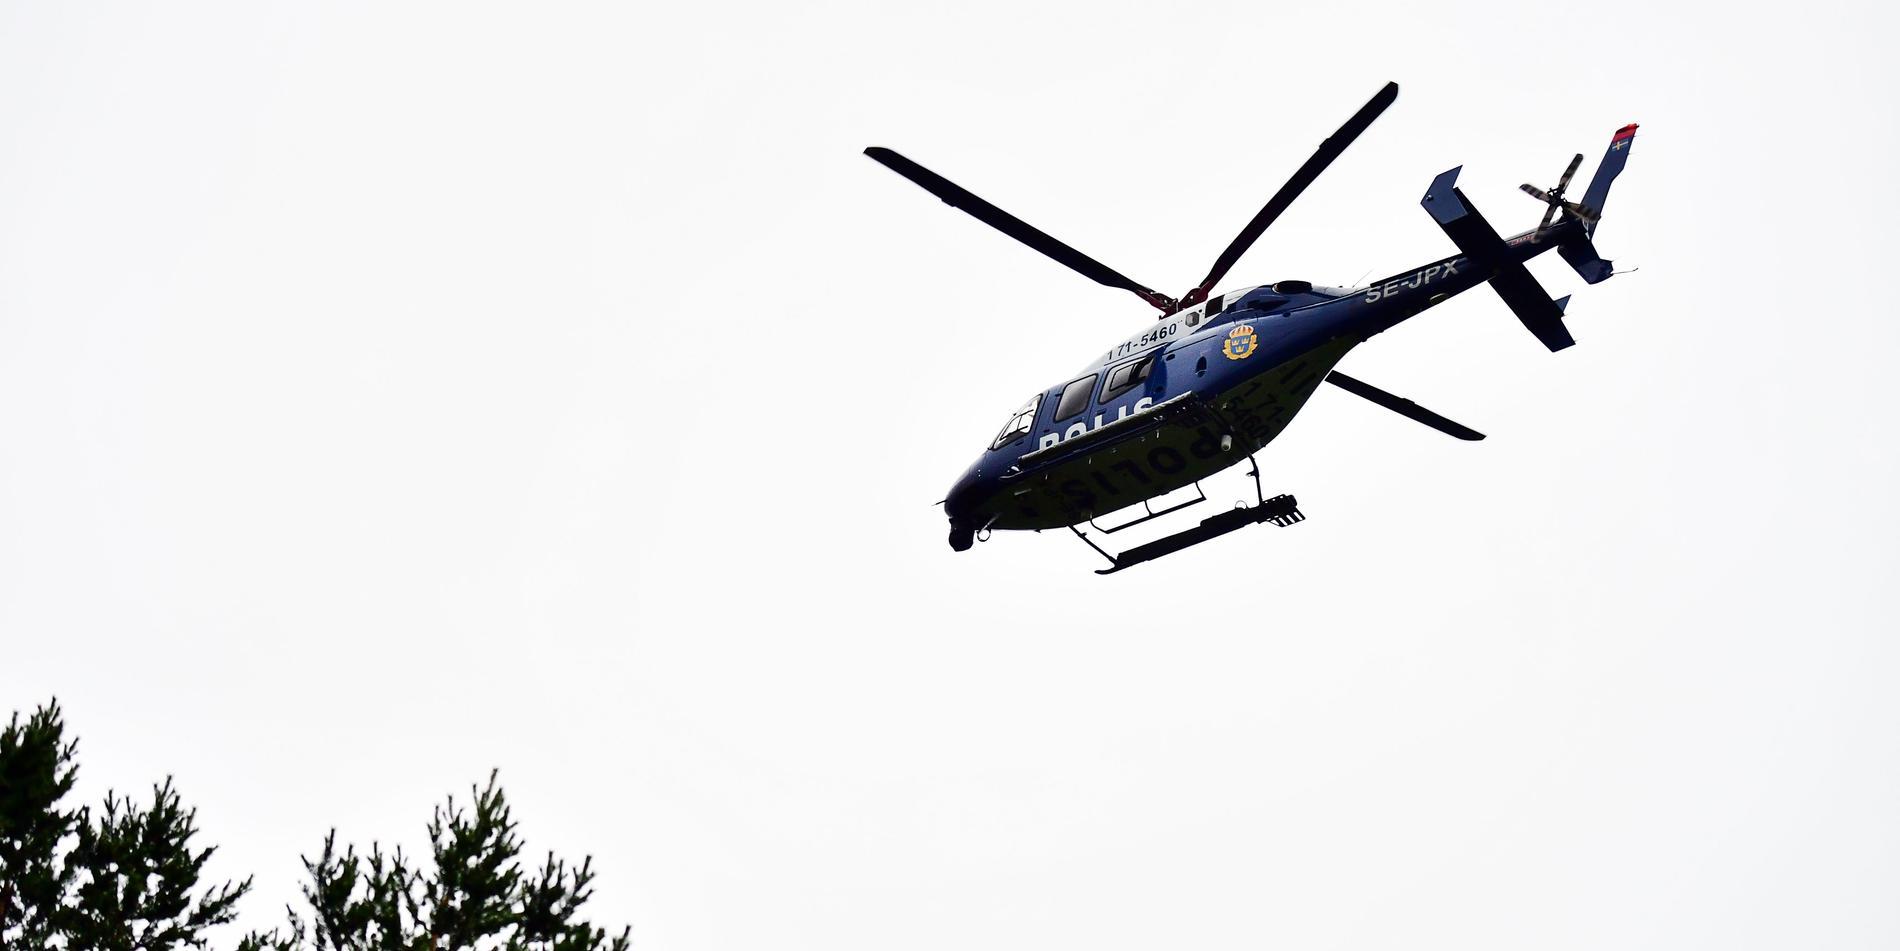 Arkivbild. Helikopter tas på tisdag morgon in i sökandet efter en dement man i 70-årsåldern som försvann från ett område vid Bjässjön norr om Indal.